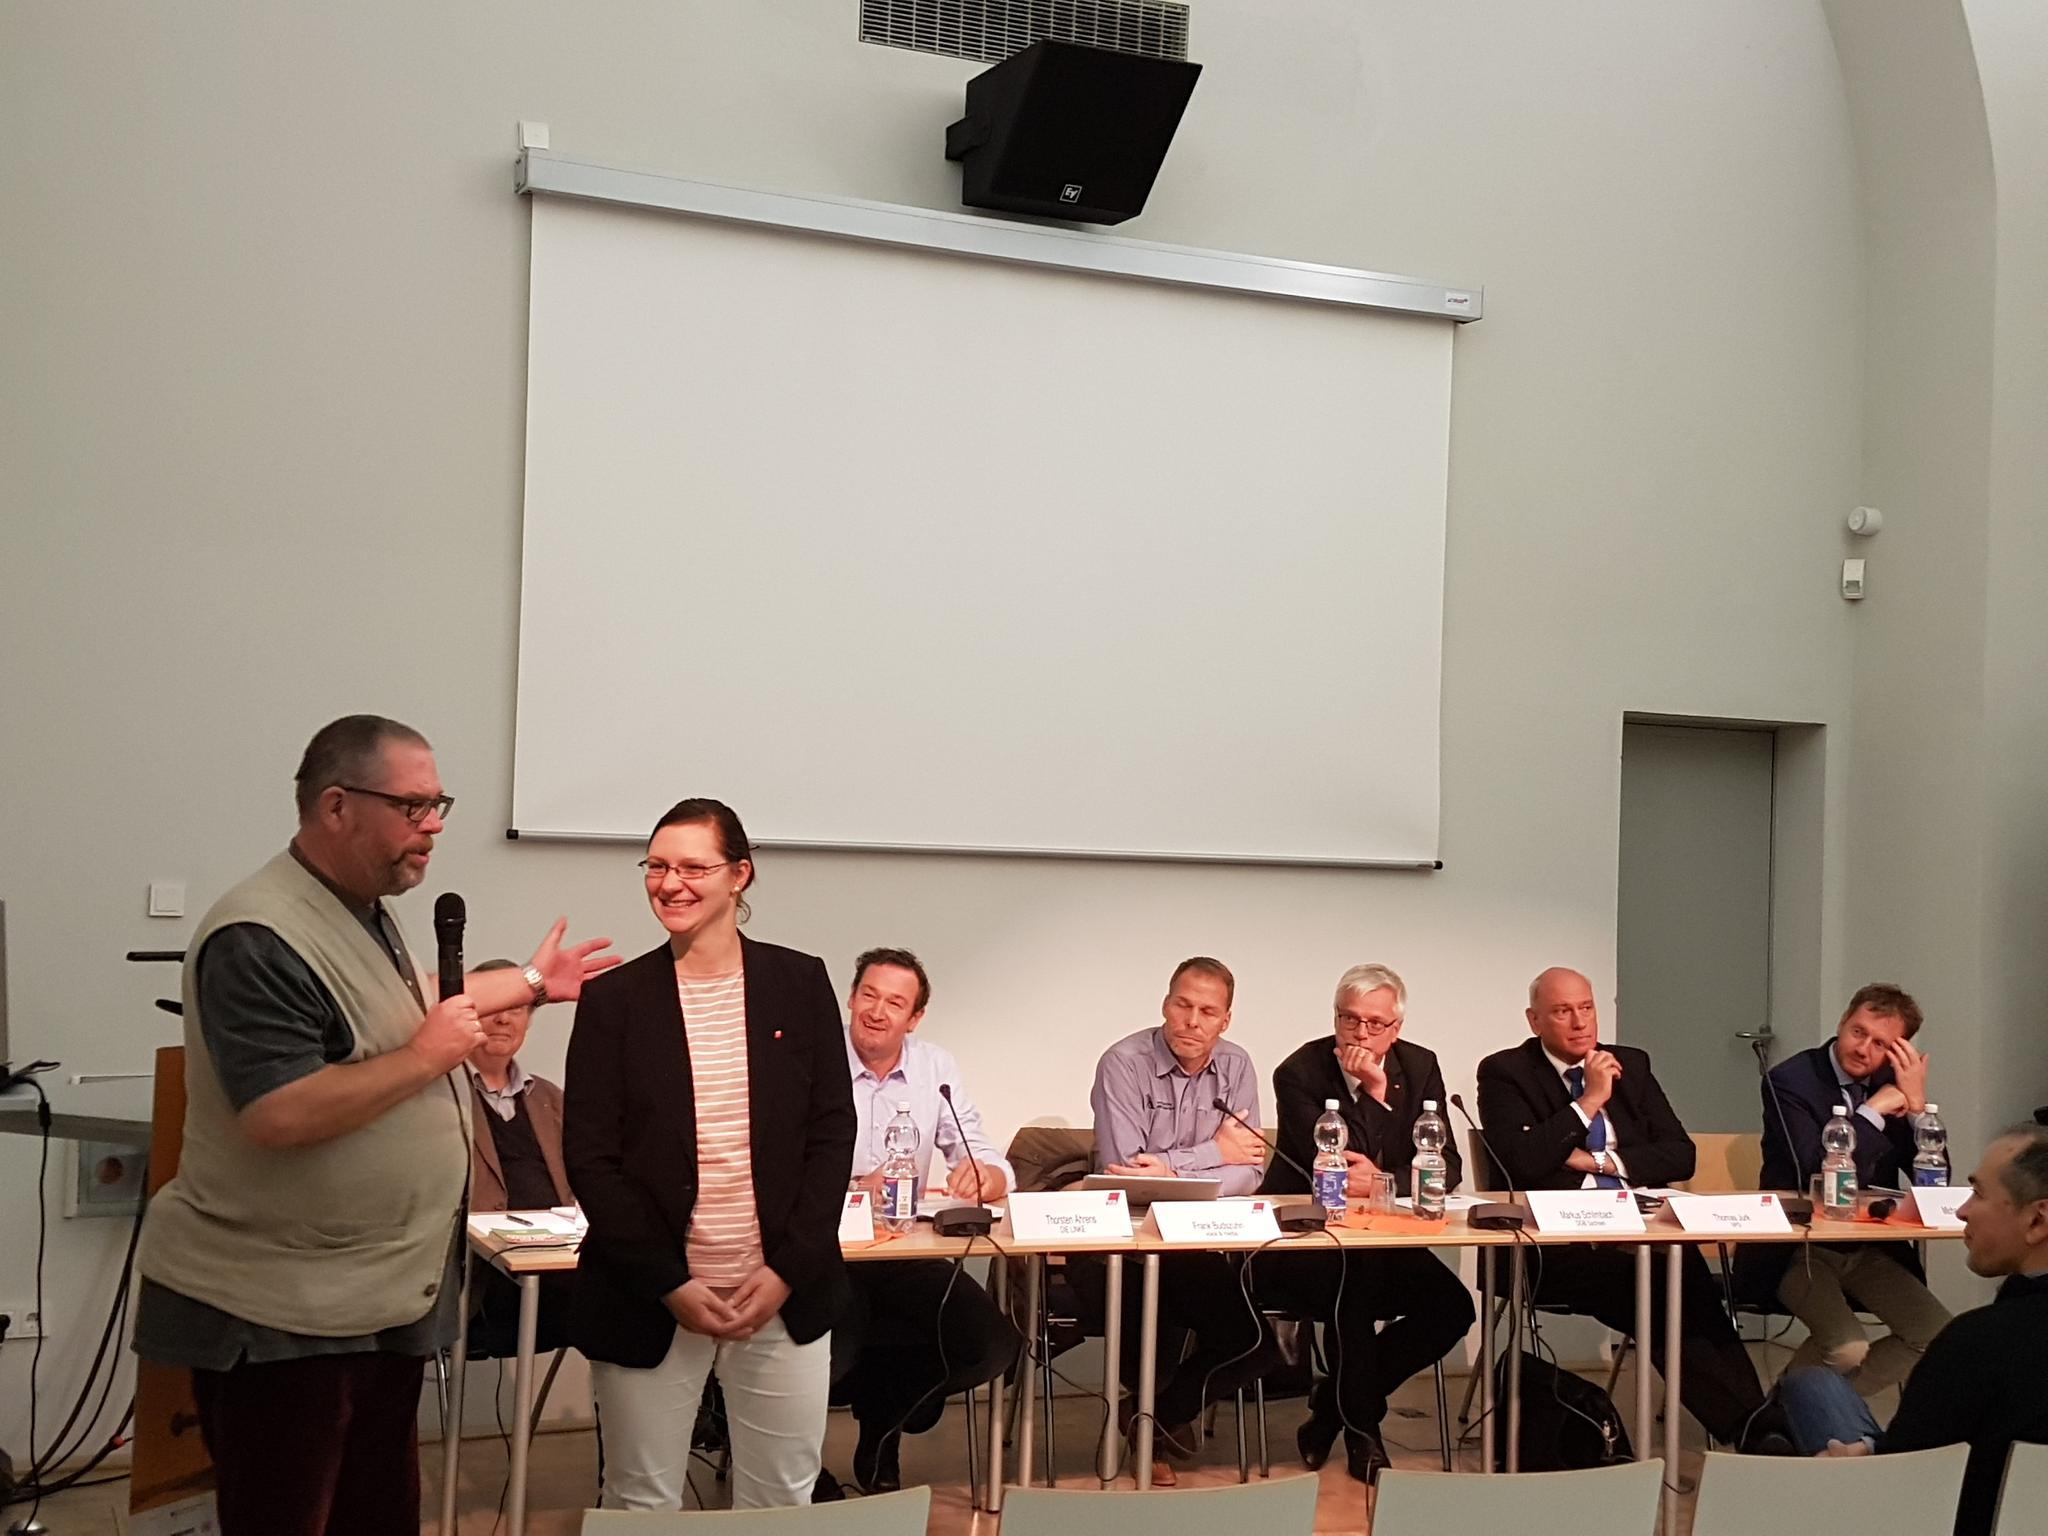 Wahlforum in Görlitz